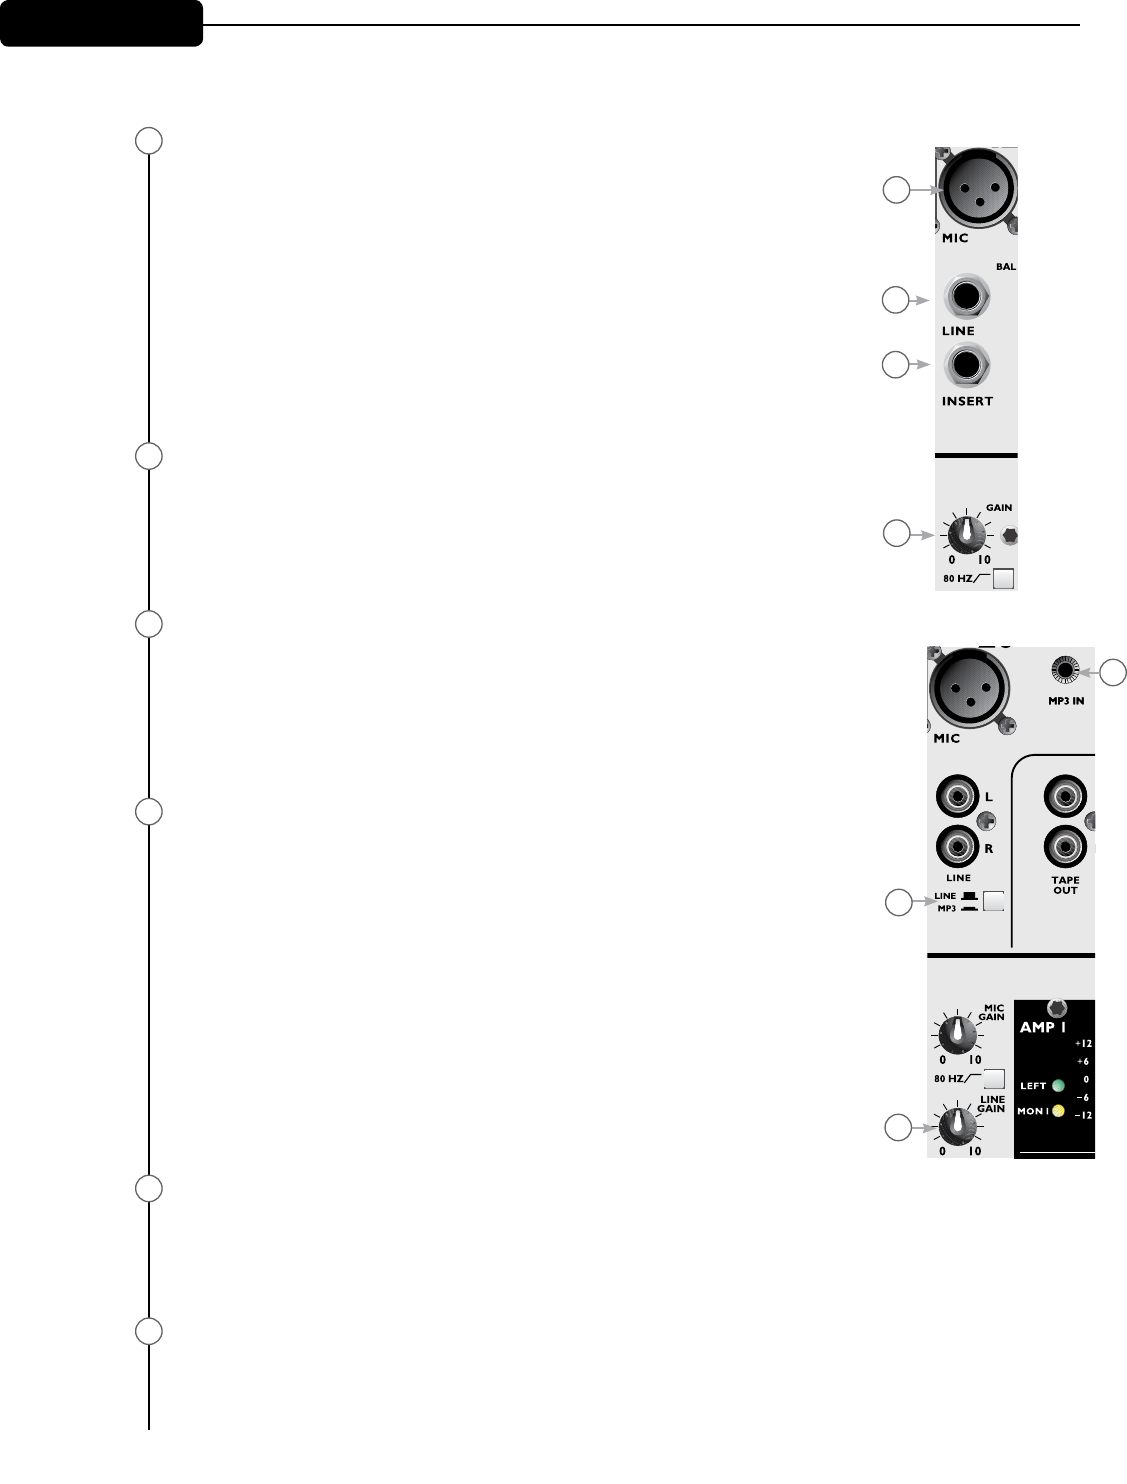 Rvfm US-102-B BLK tappo a pressione per Interruttore Nero